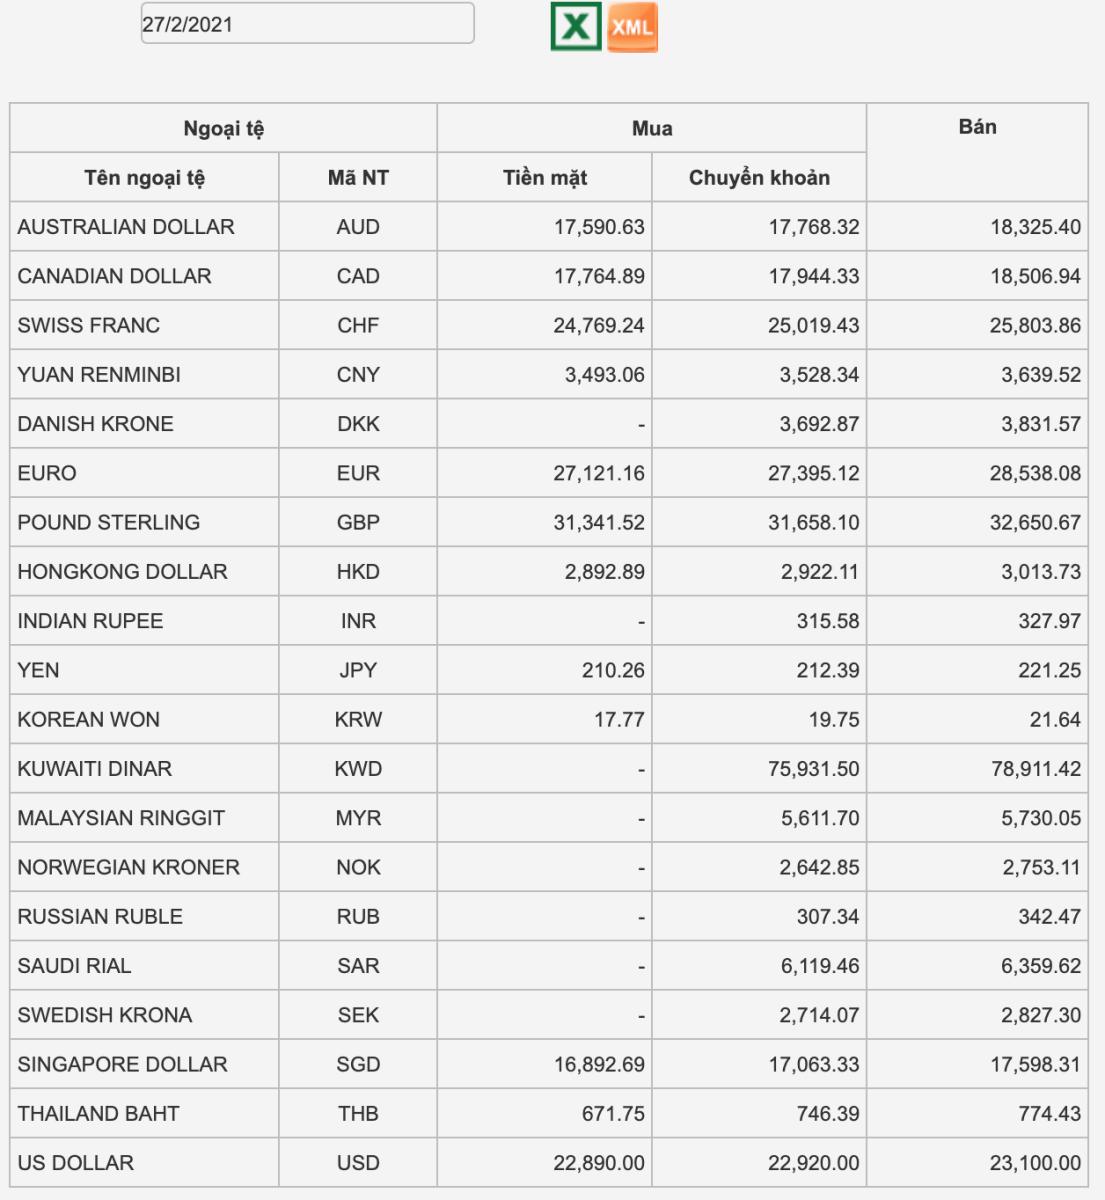 Tỷ giá Vietcombank hôm nay 27/2: 20 ngoại tệ không đổi tỷ giá